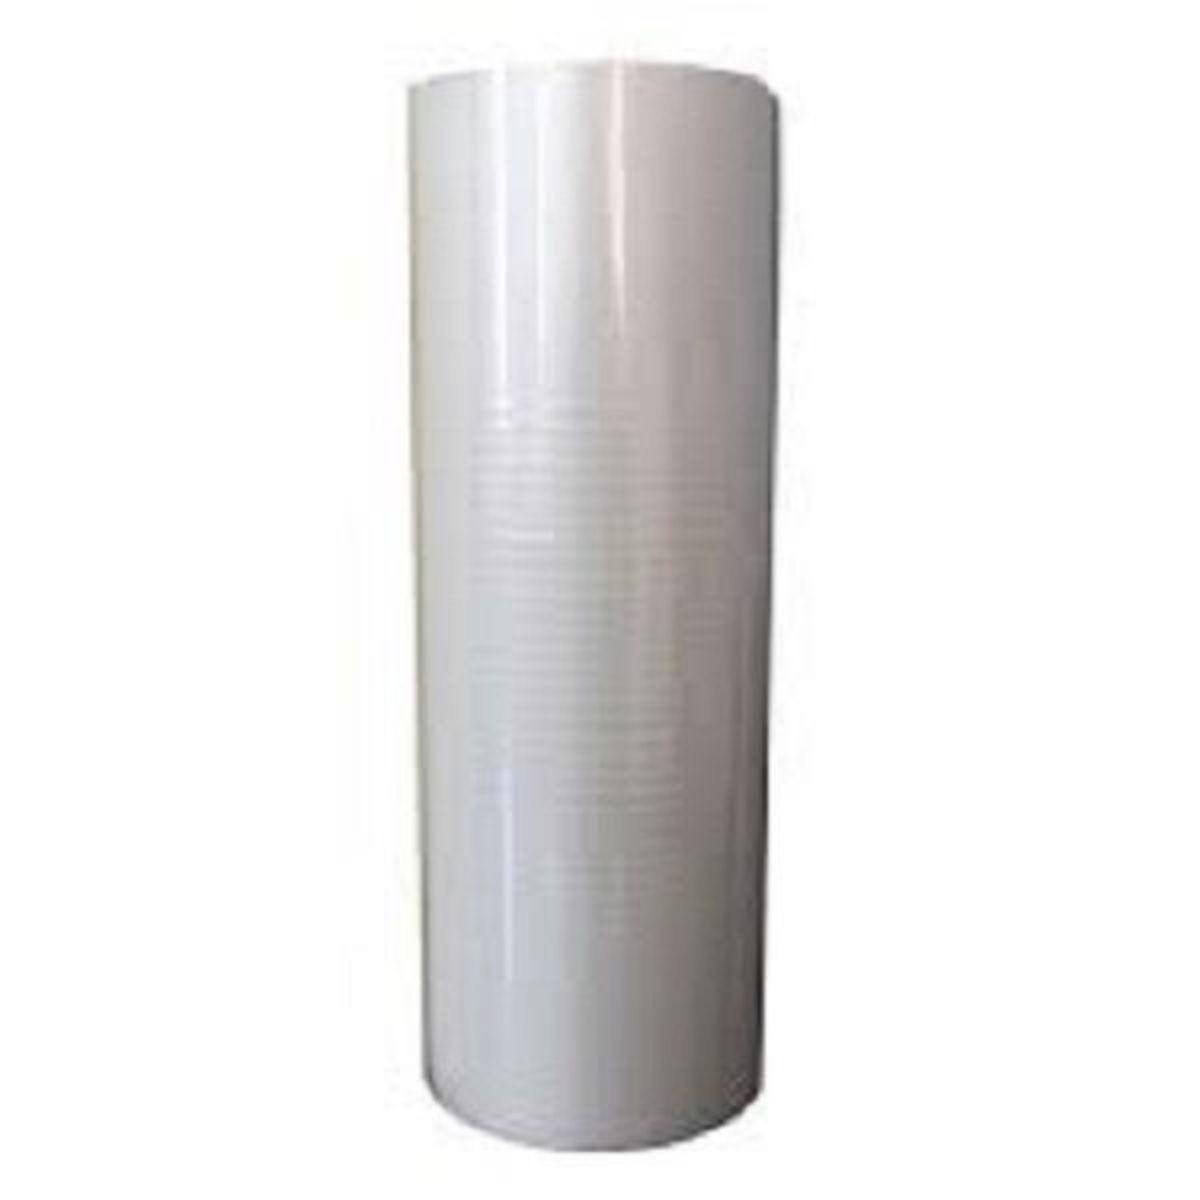 Bobina de BOPP para Laminação Brilho 32cm x 350M (24 micras)  - Click Suprimentos